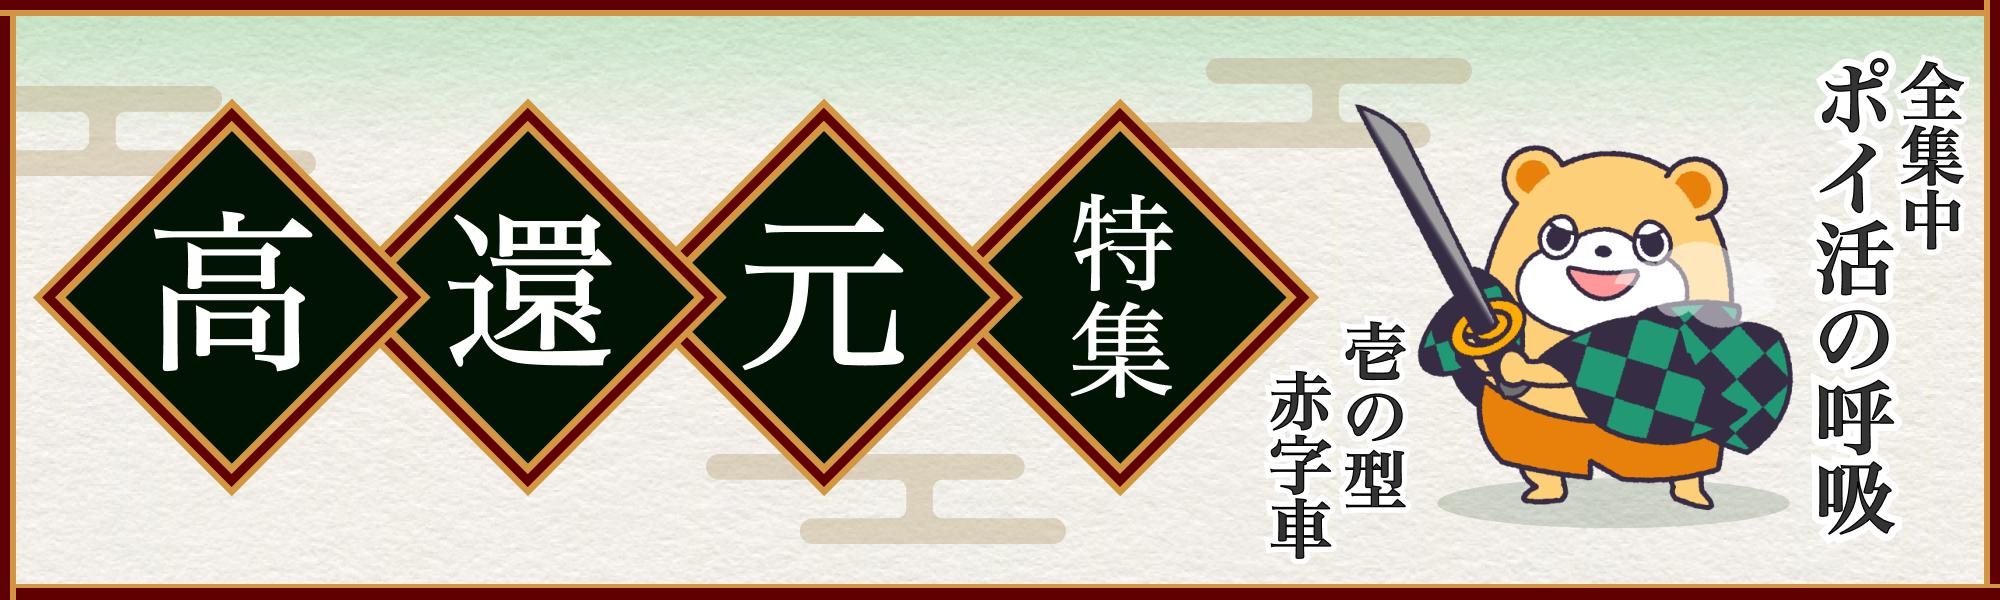 ポイントタウン厳選人気サービス特集(PC)